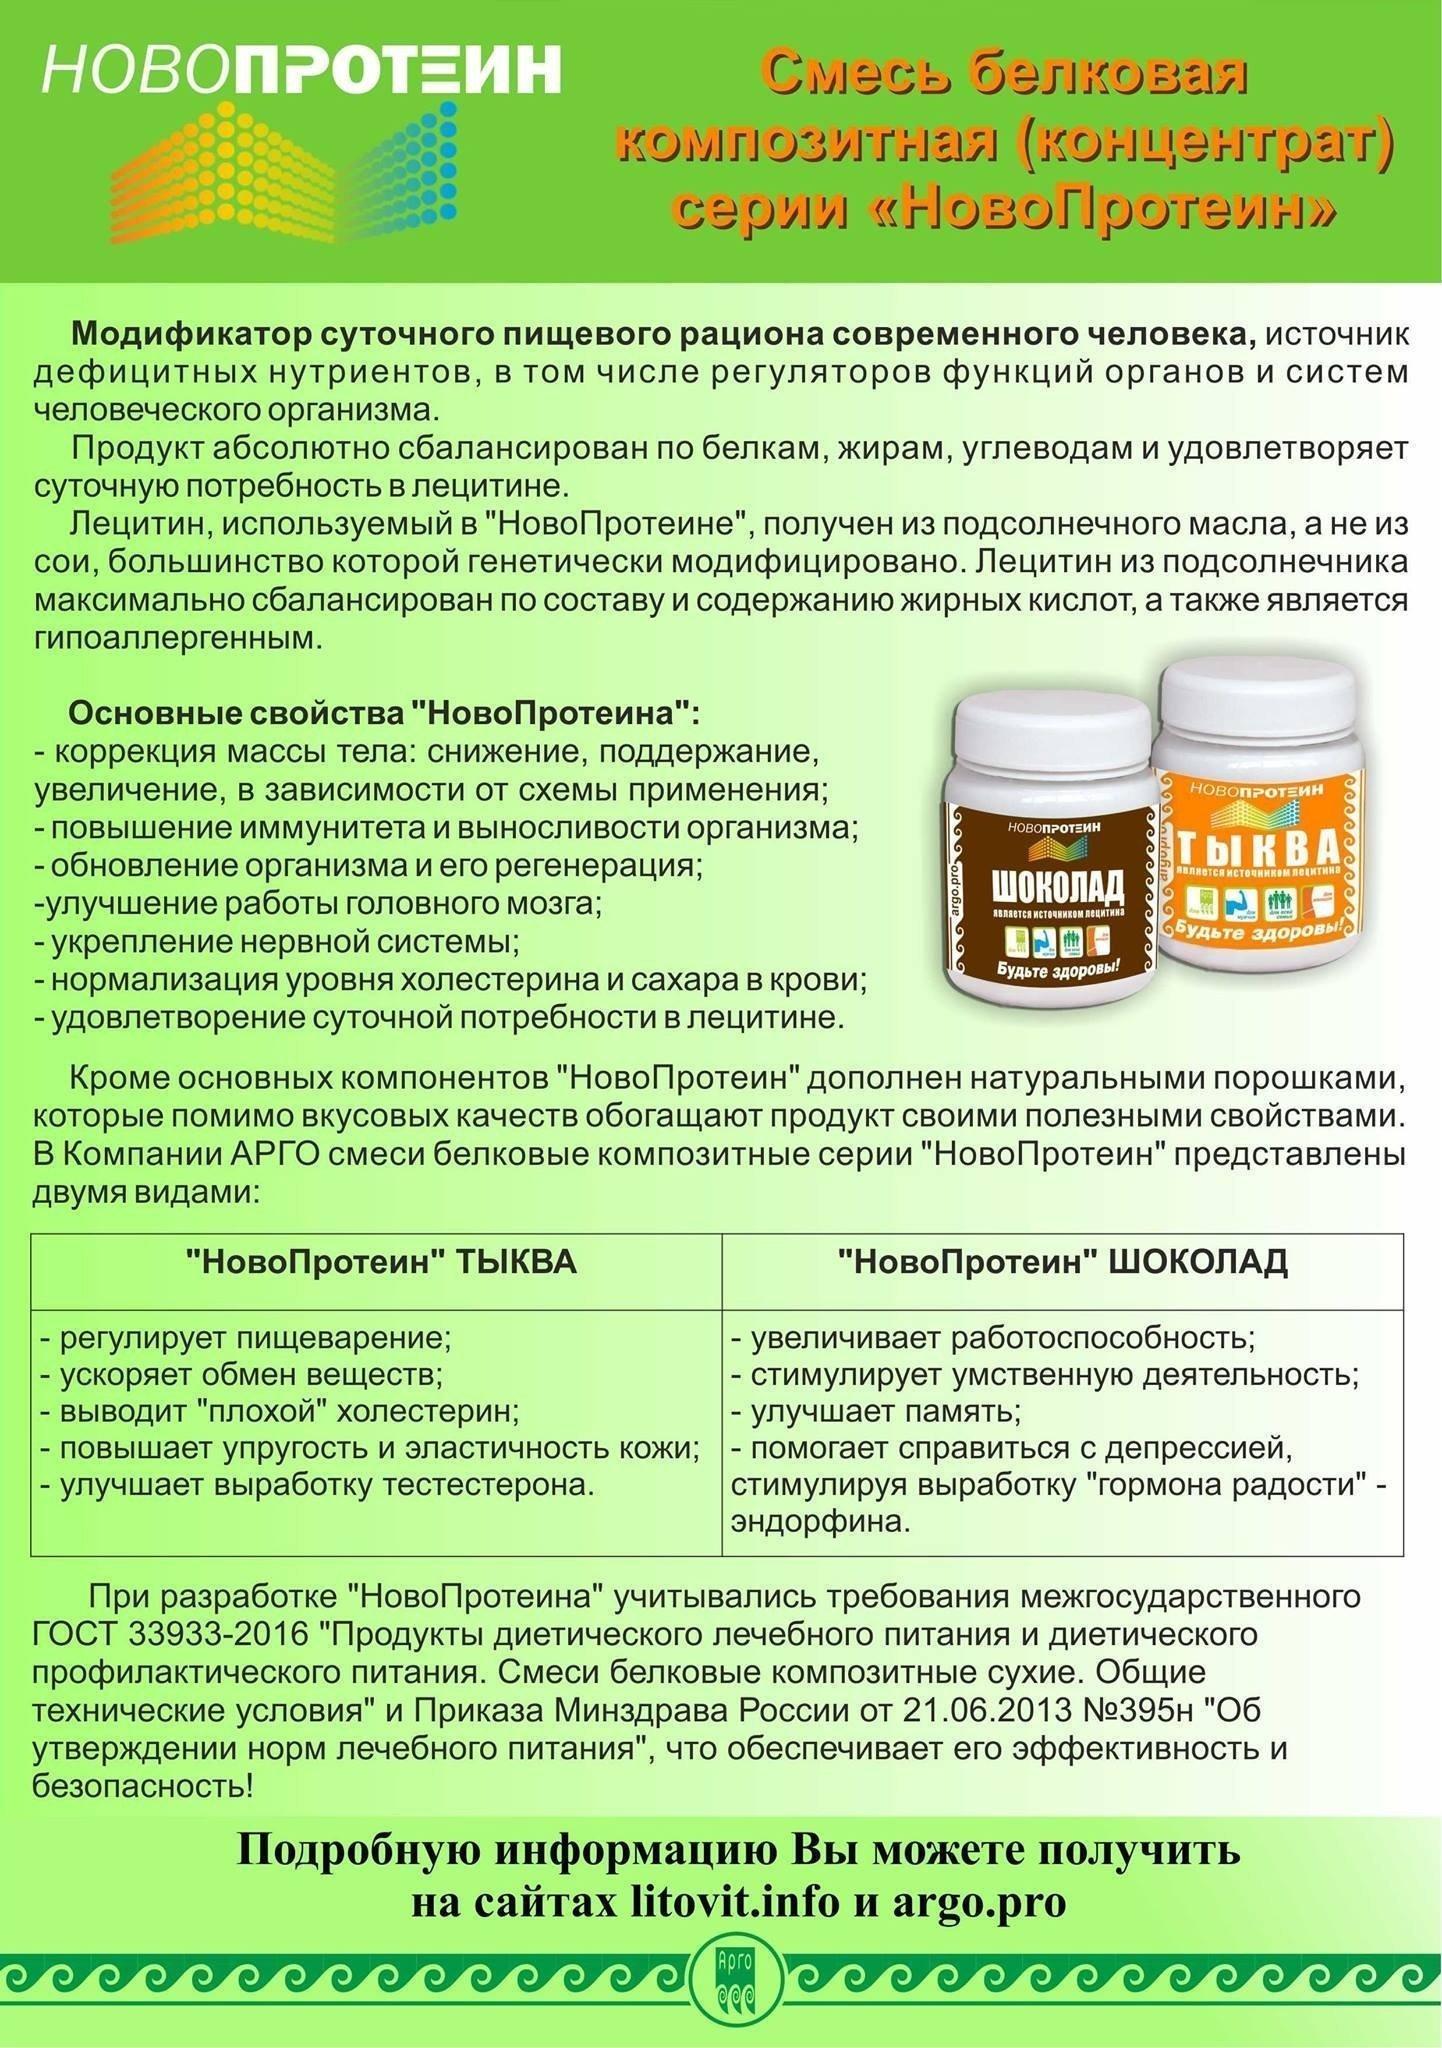 Смесь белковая композитная (концентрат) серии НовоПротеин